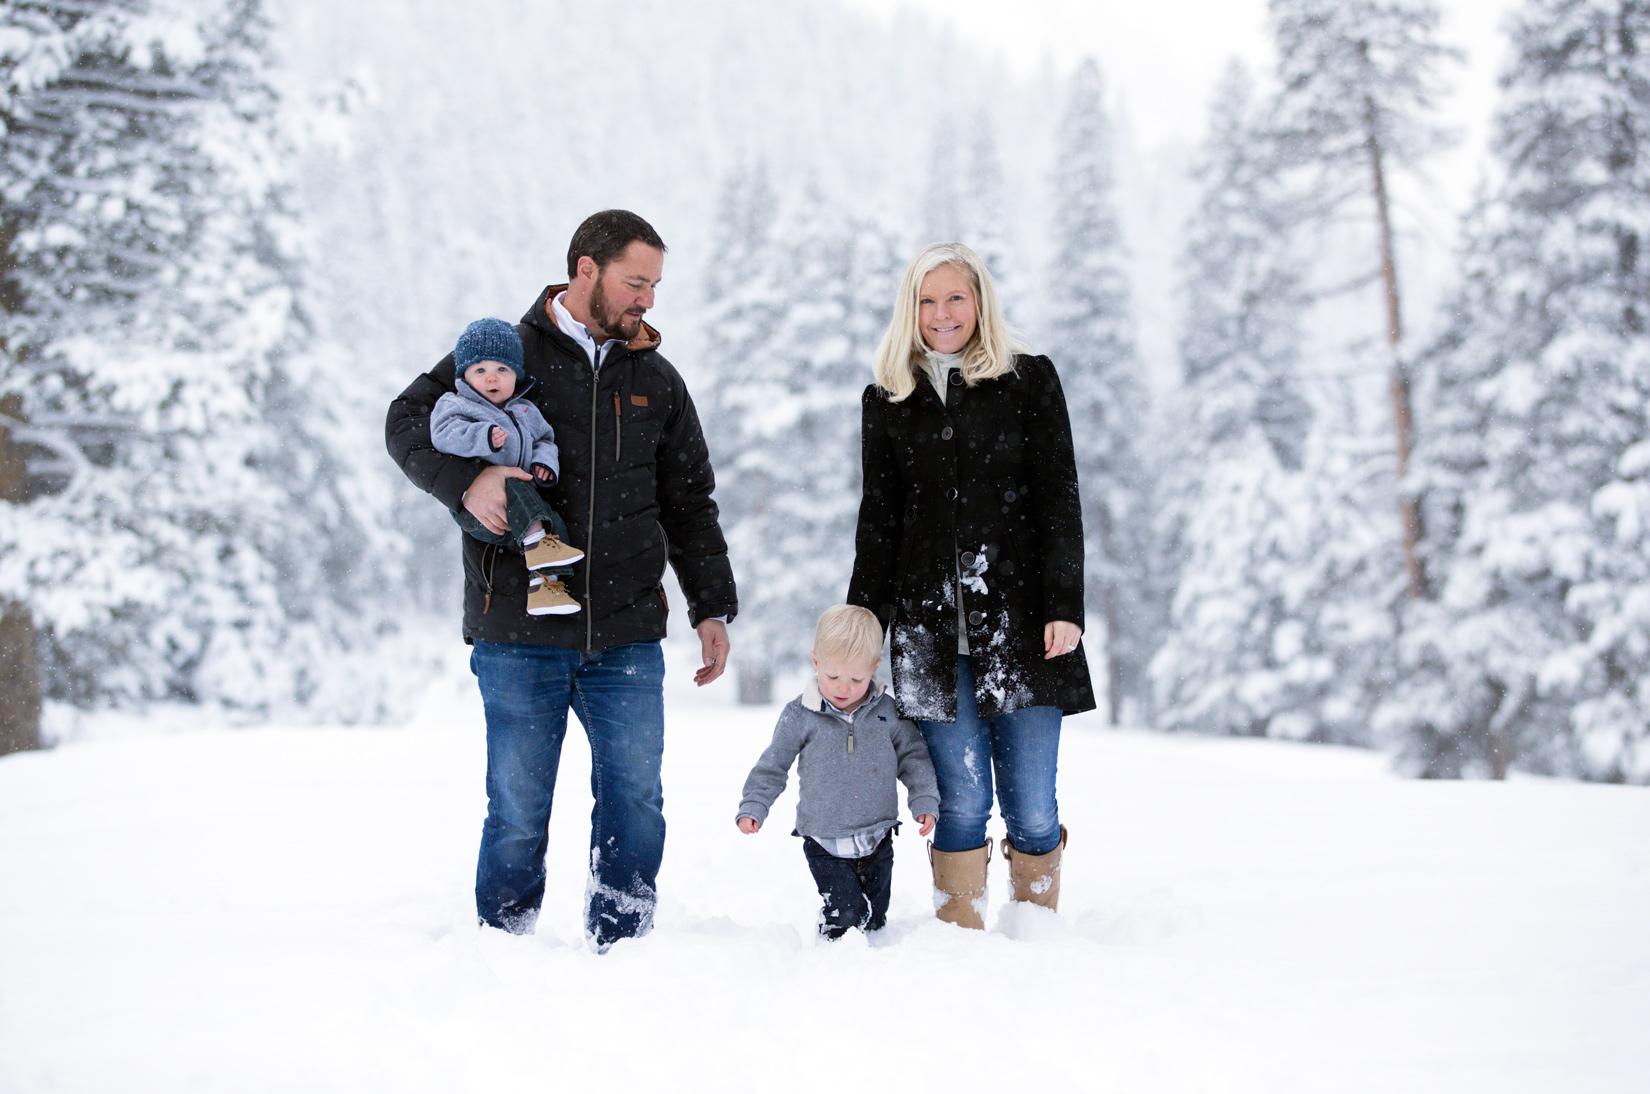 children-in-snow-Squaw-Valley